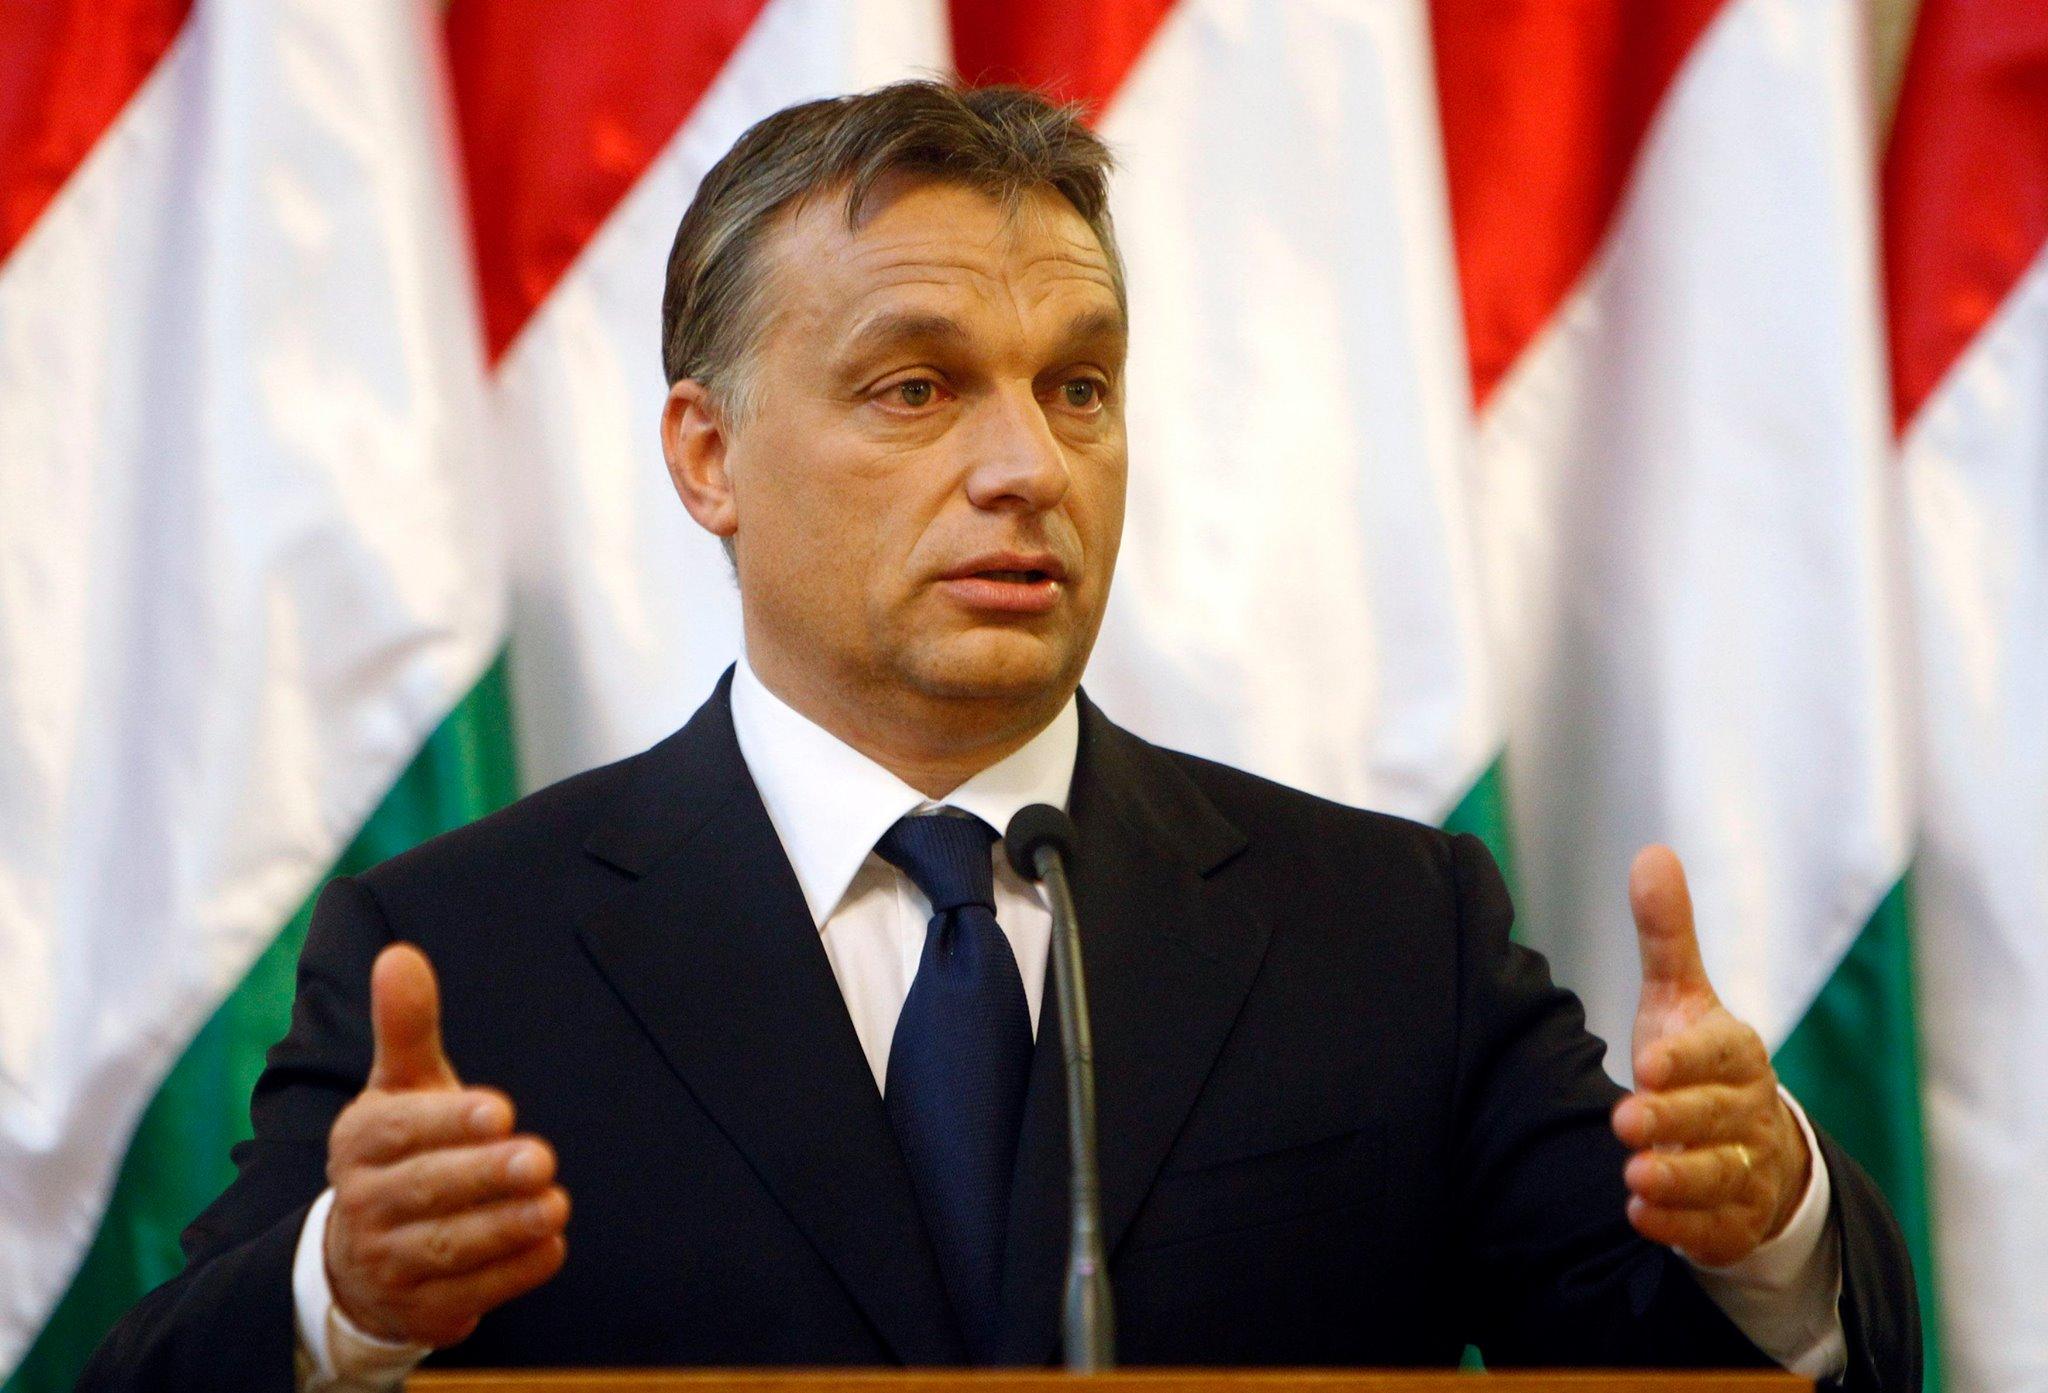 Viktor Orban, 'friend of Serbia'